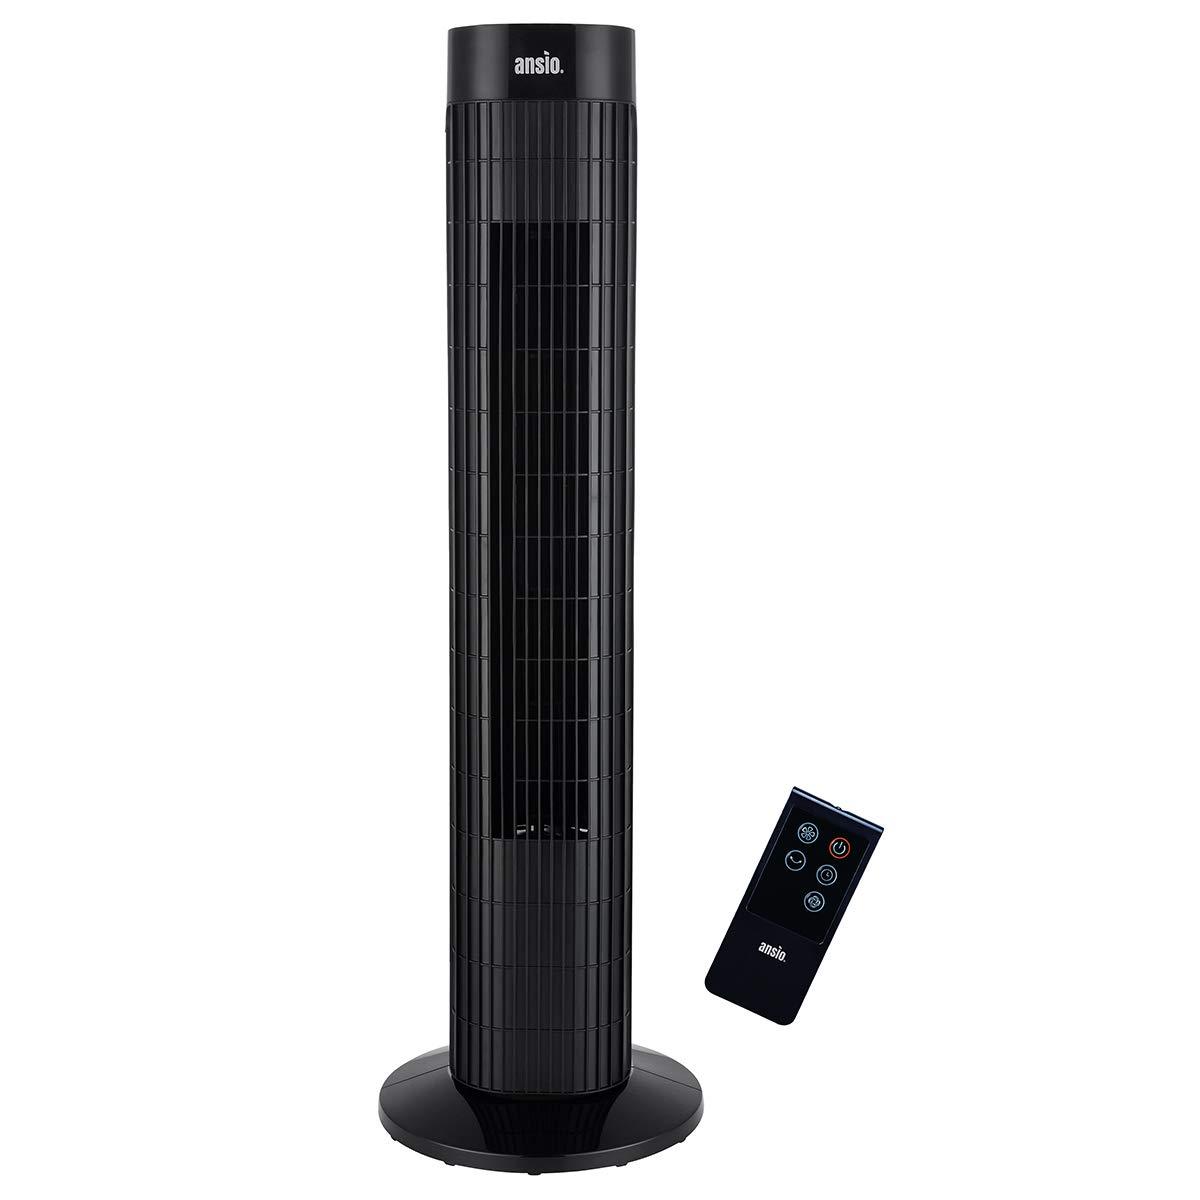 2 Jahre Garantie 30 Zoll Schwarz Oszillierender Turmventilator mit Fernsteuerung S/äulenventilator 3-stufigem Windmodus mit 3 Drehzahlen und langem Kabel Batterien NICHT im enthalten 1,75m